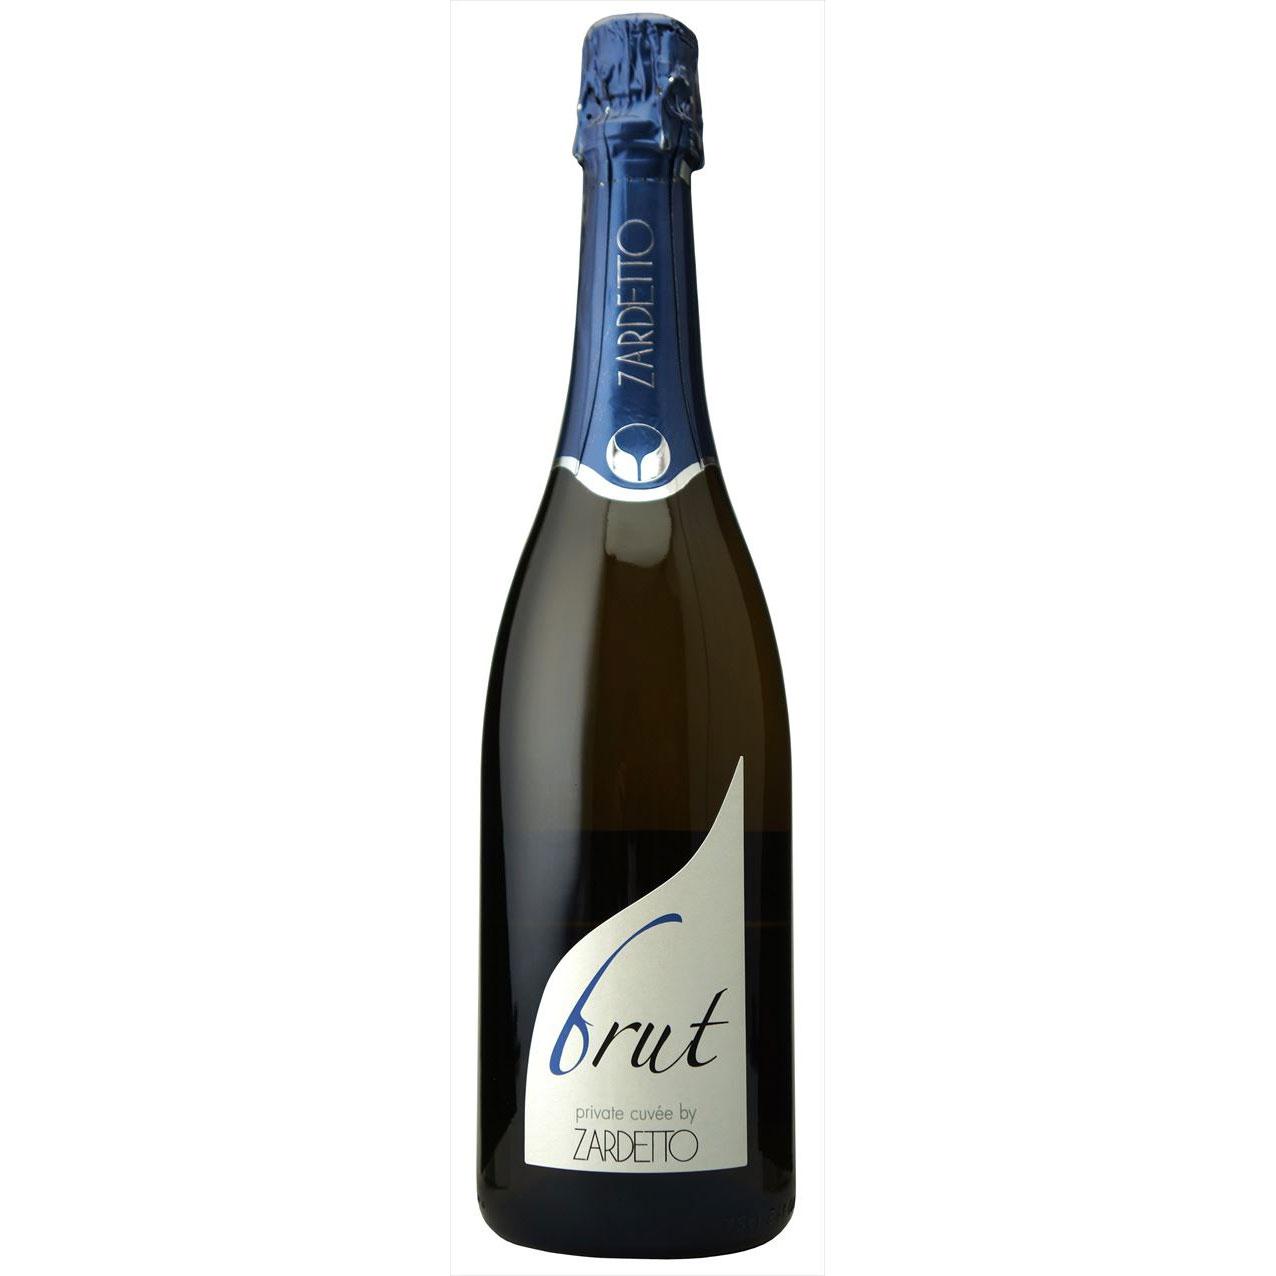 父の日 プレゼント ギフト ザルデット プライヴェート キュヴェ ブリュット ザルデット 白 750ml 12本 イタリア ヴェネト 白ワイン 送料無料 コンビニ受取対応商品 ヴィンテージ管理しておりません、変わる場合があります ラッキーシール対応